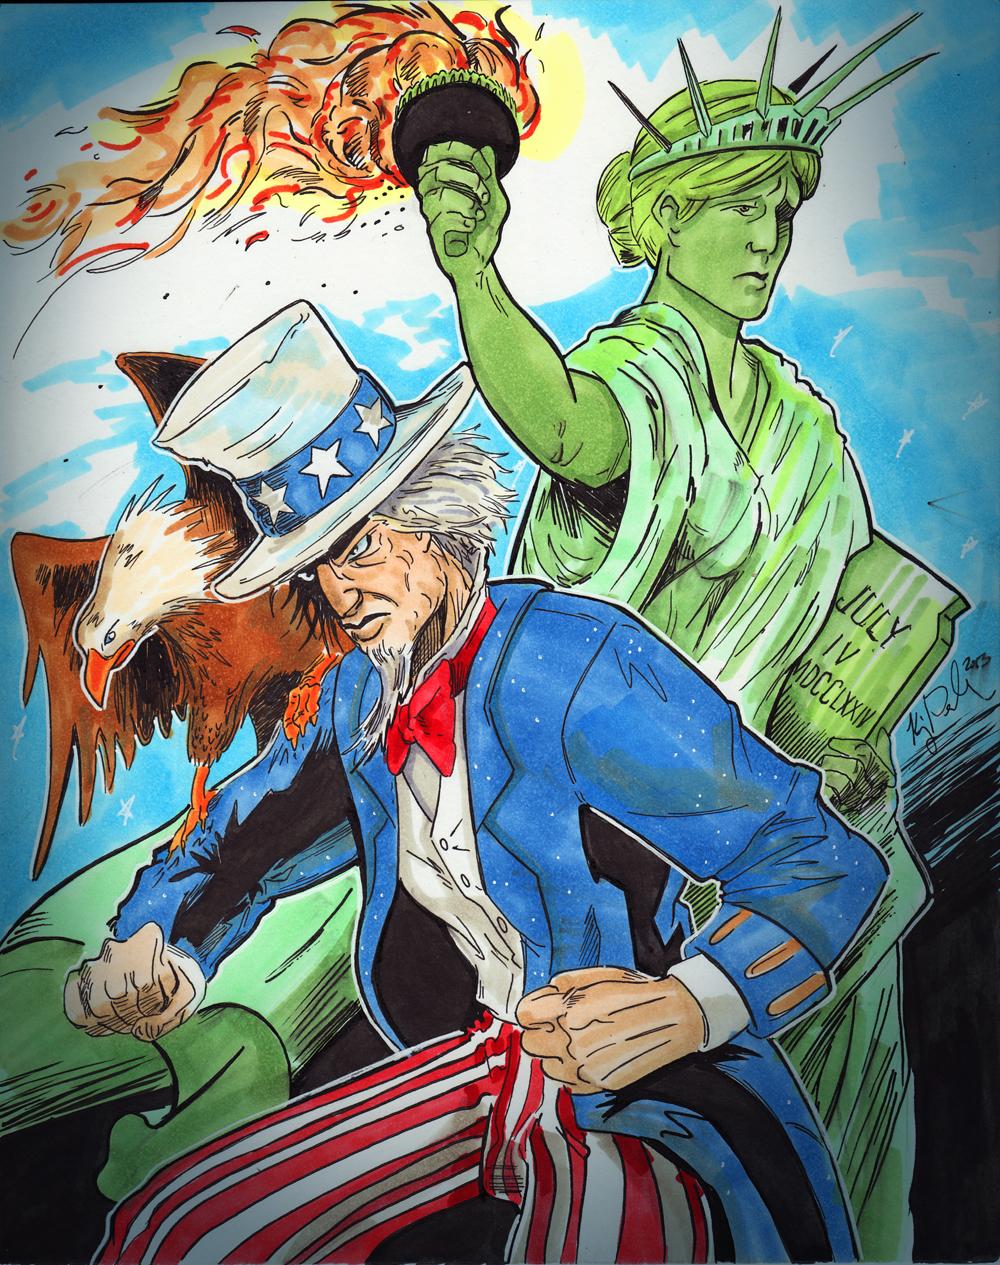 July 4 - America by KileyBeecher